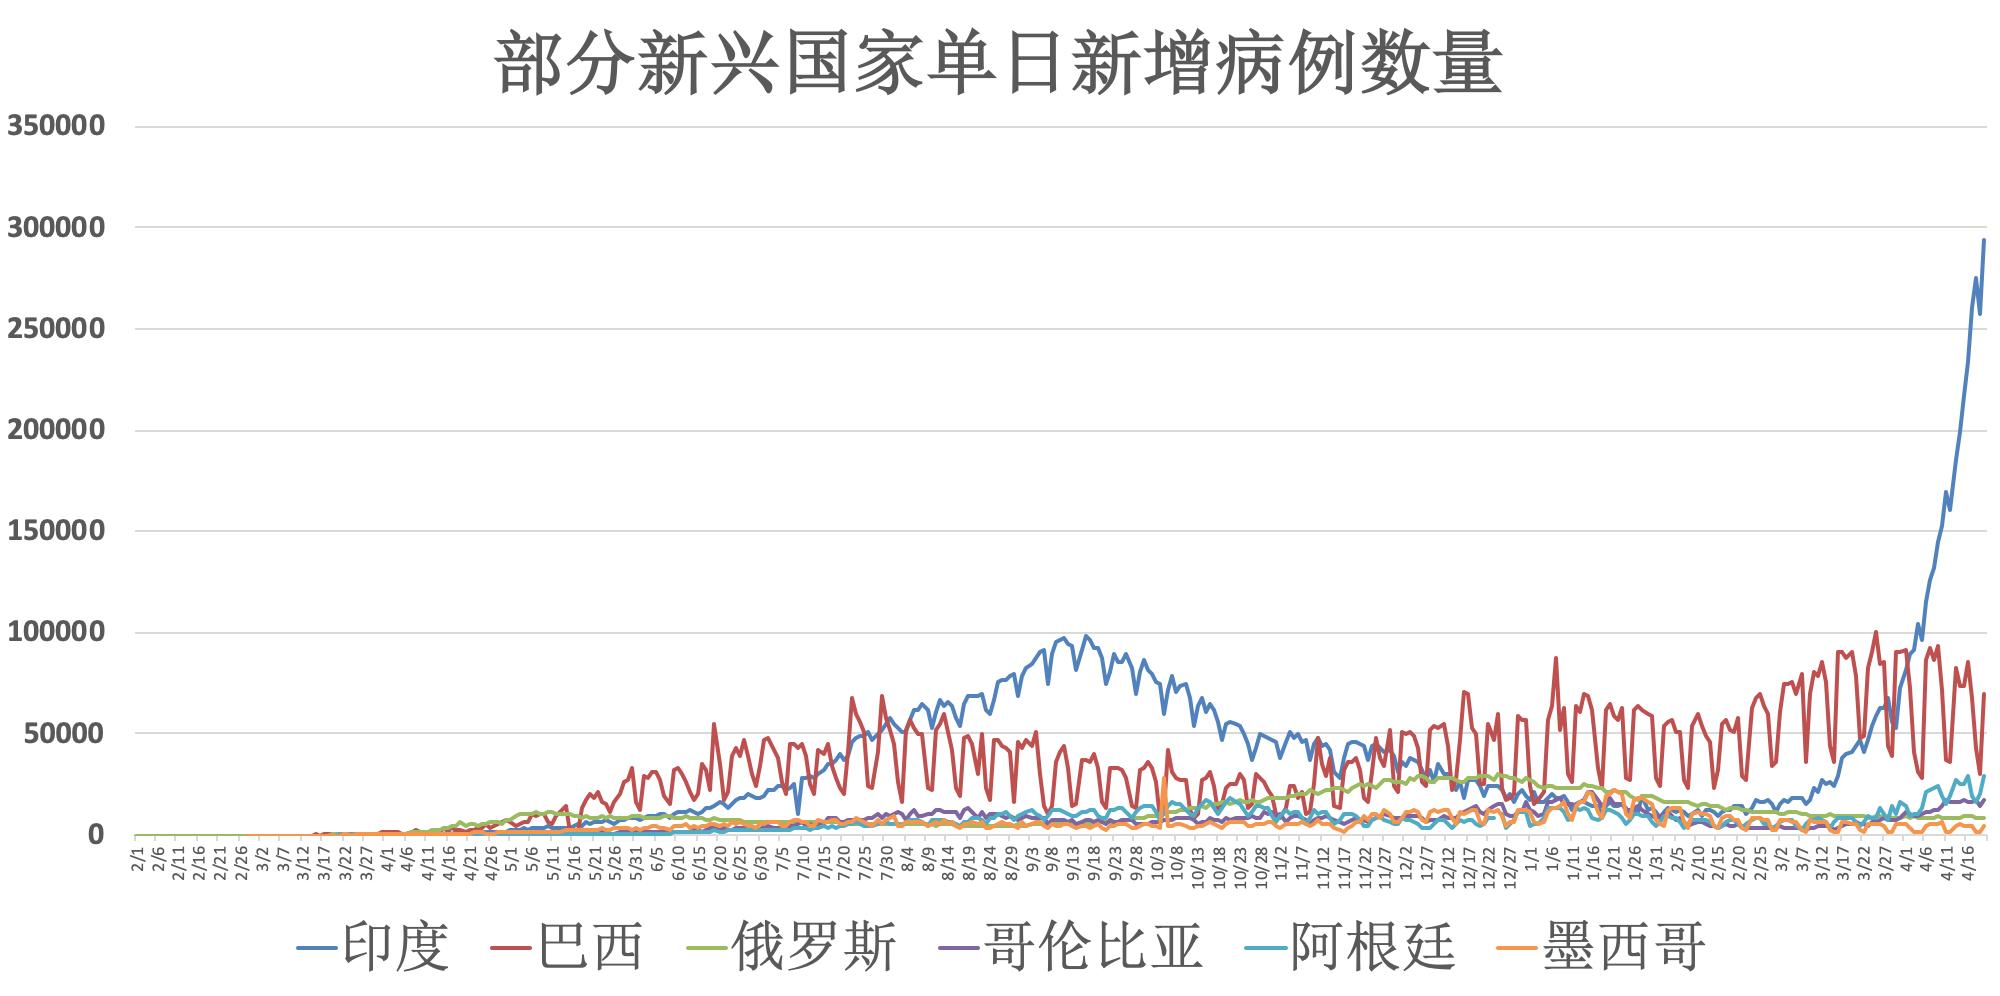 全球疫情动态【4月21日】:中国接种新冠疫苗超过2亿剂次 俄罗斯计划在今秋前实现群体免疫